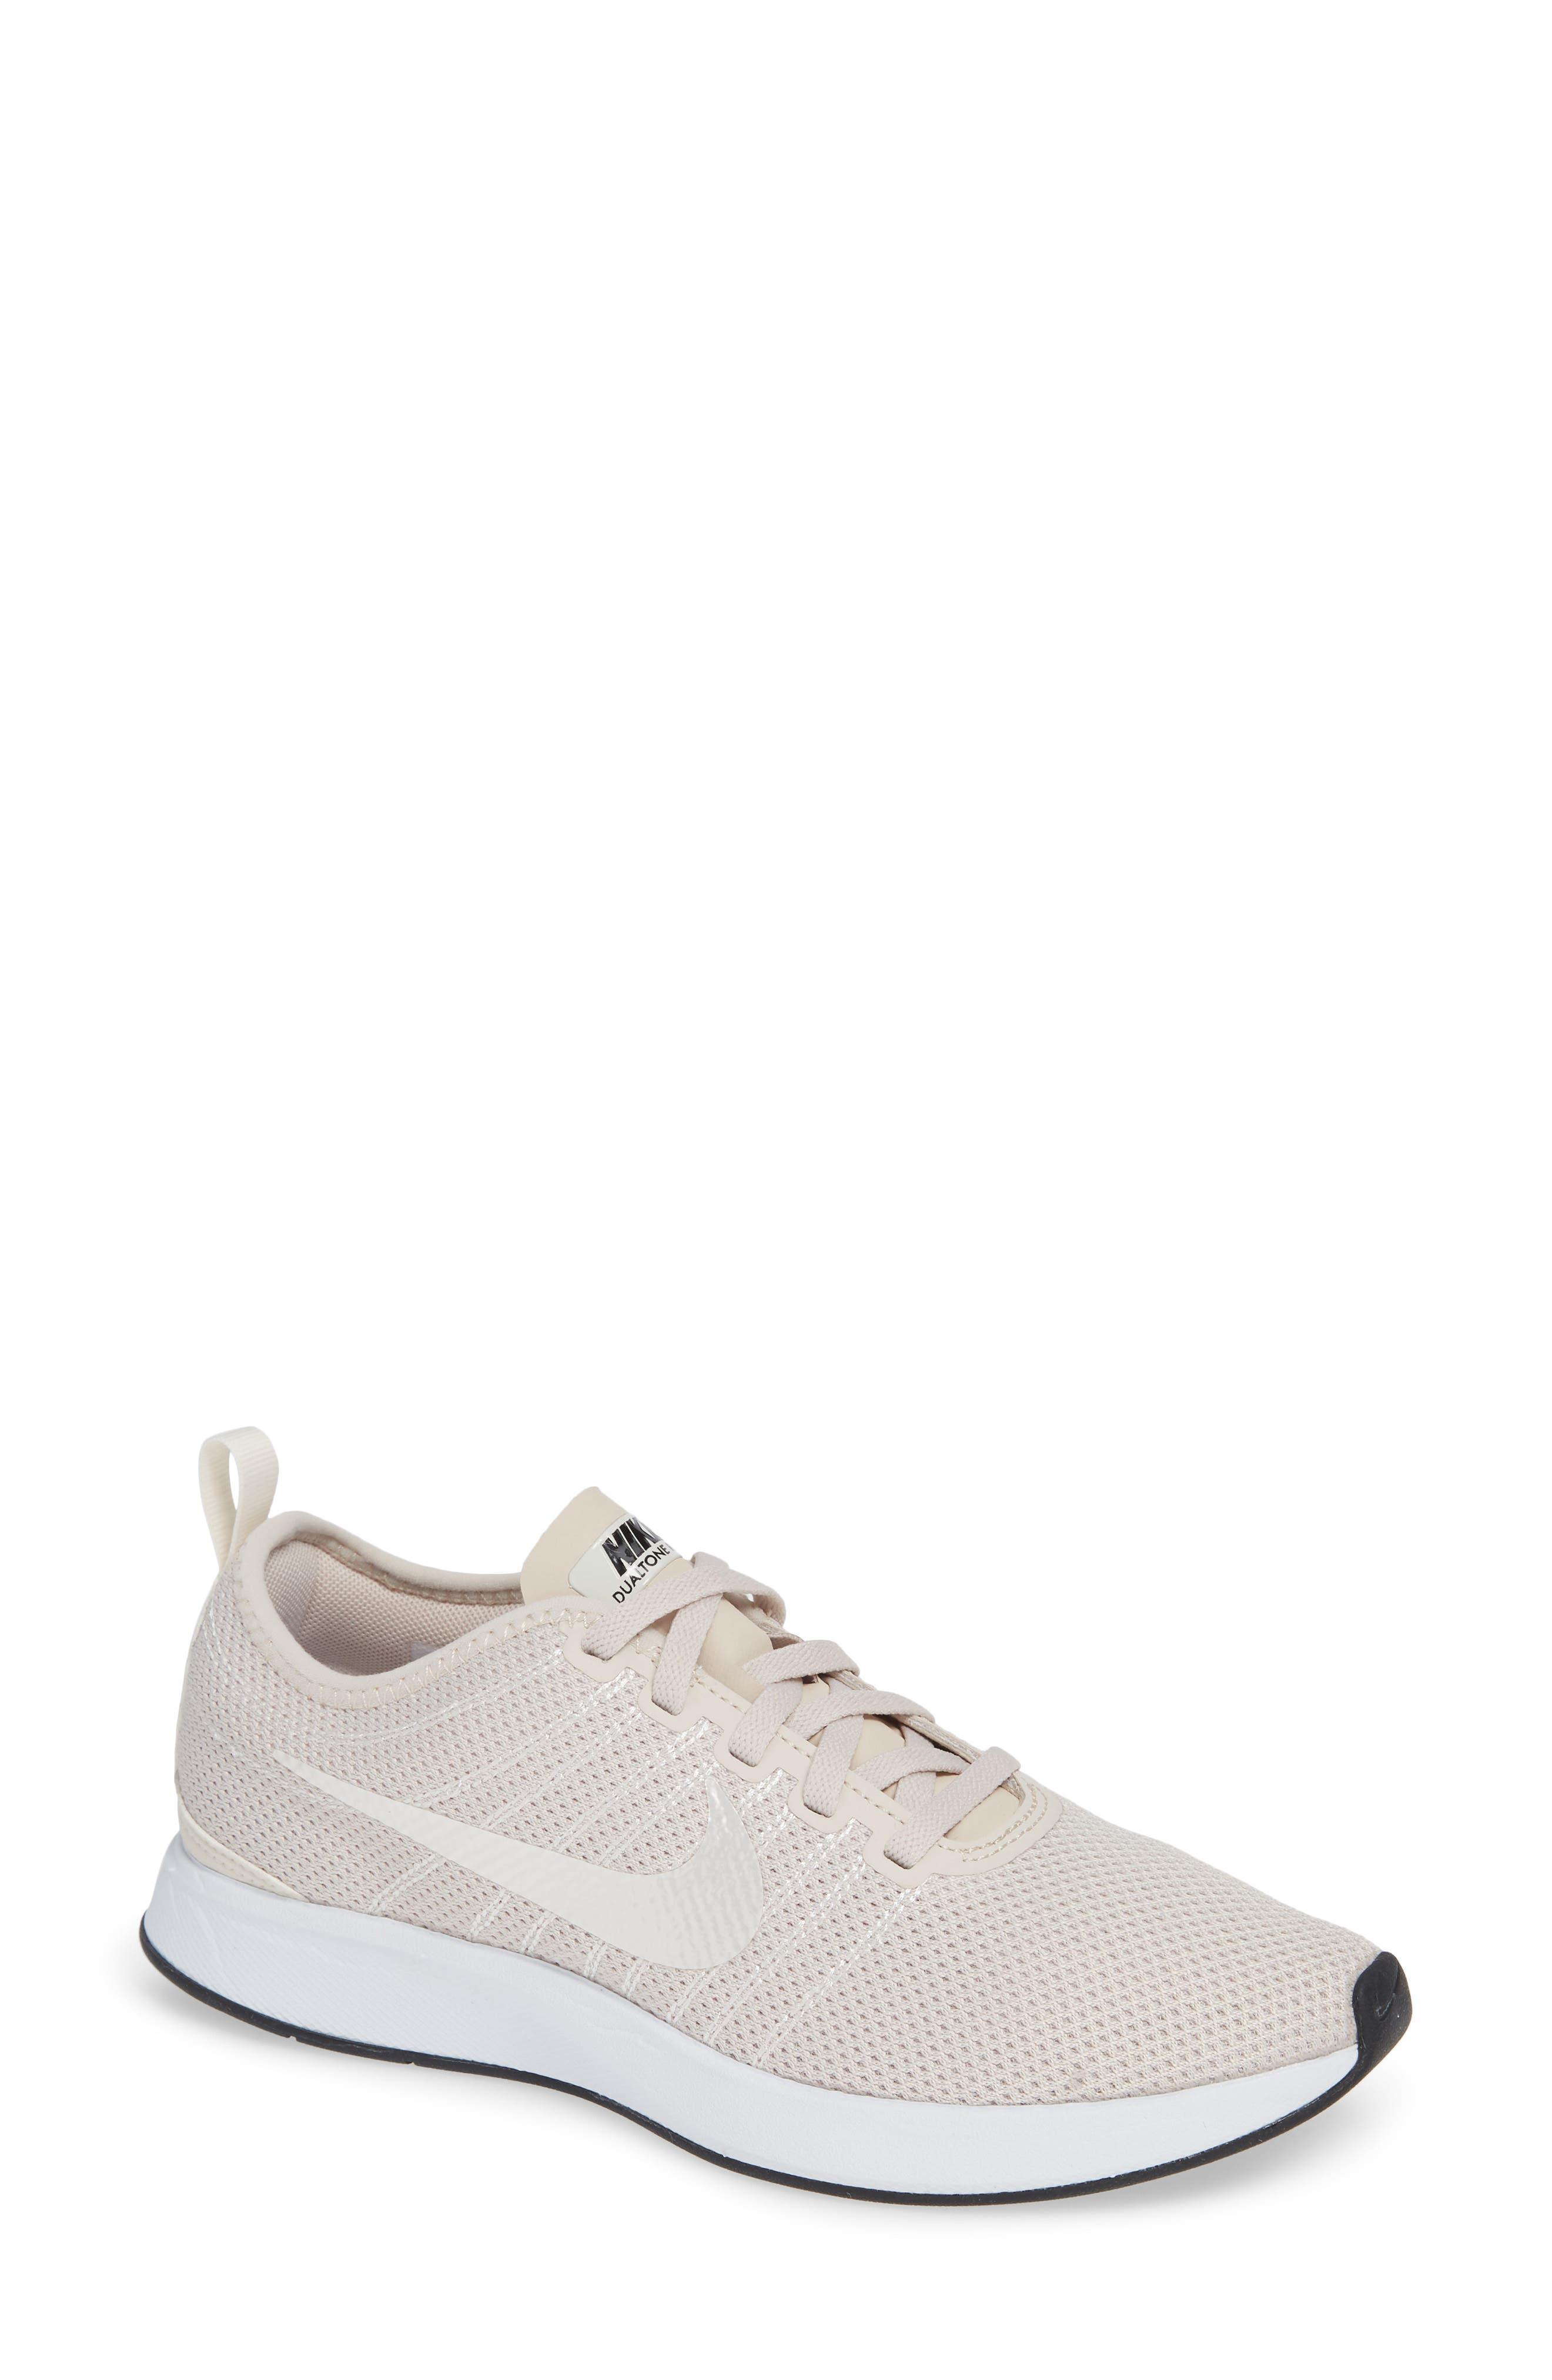 Dualtone Racer Running Shoe,                         Main,                         color, SAND/ PHANTOM/ WHITE/ BLACK